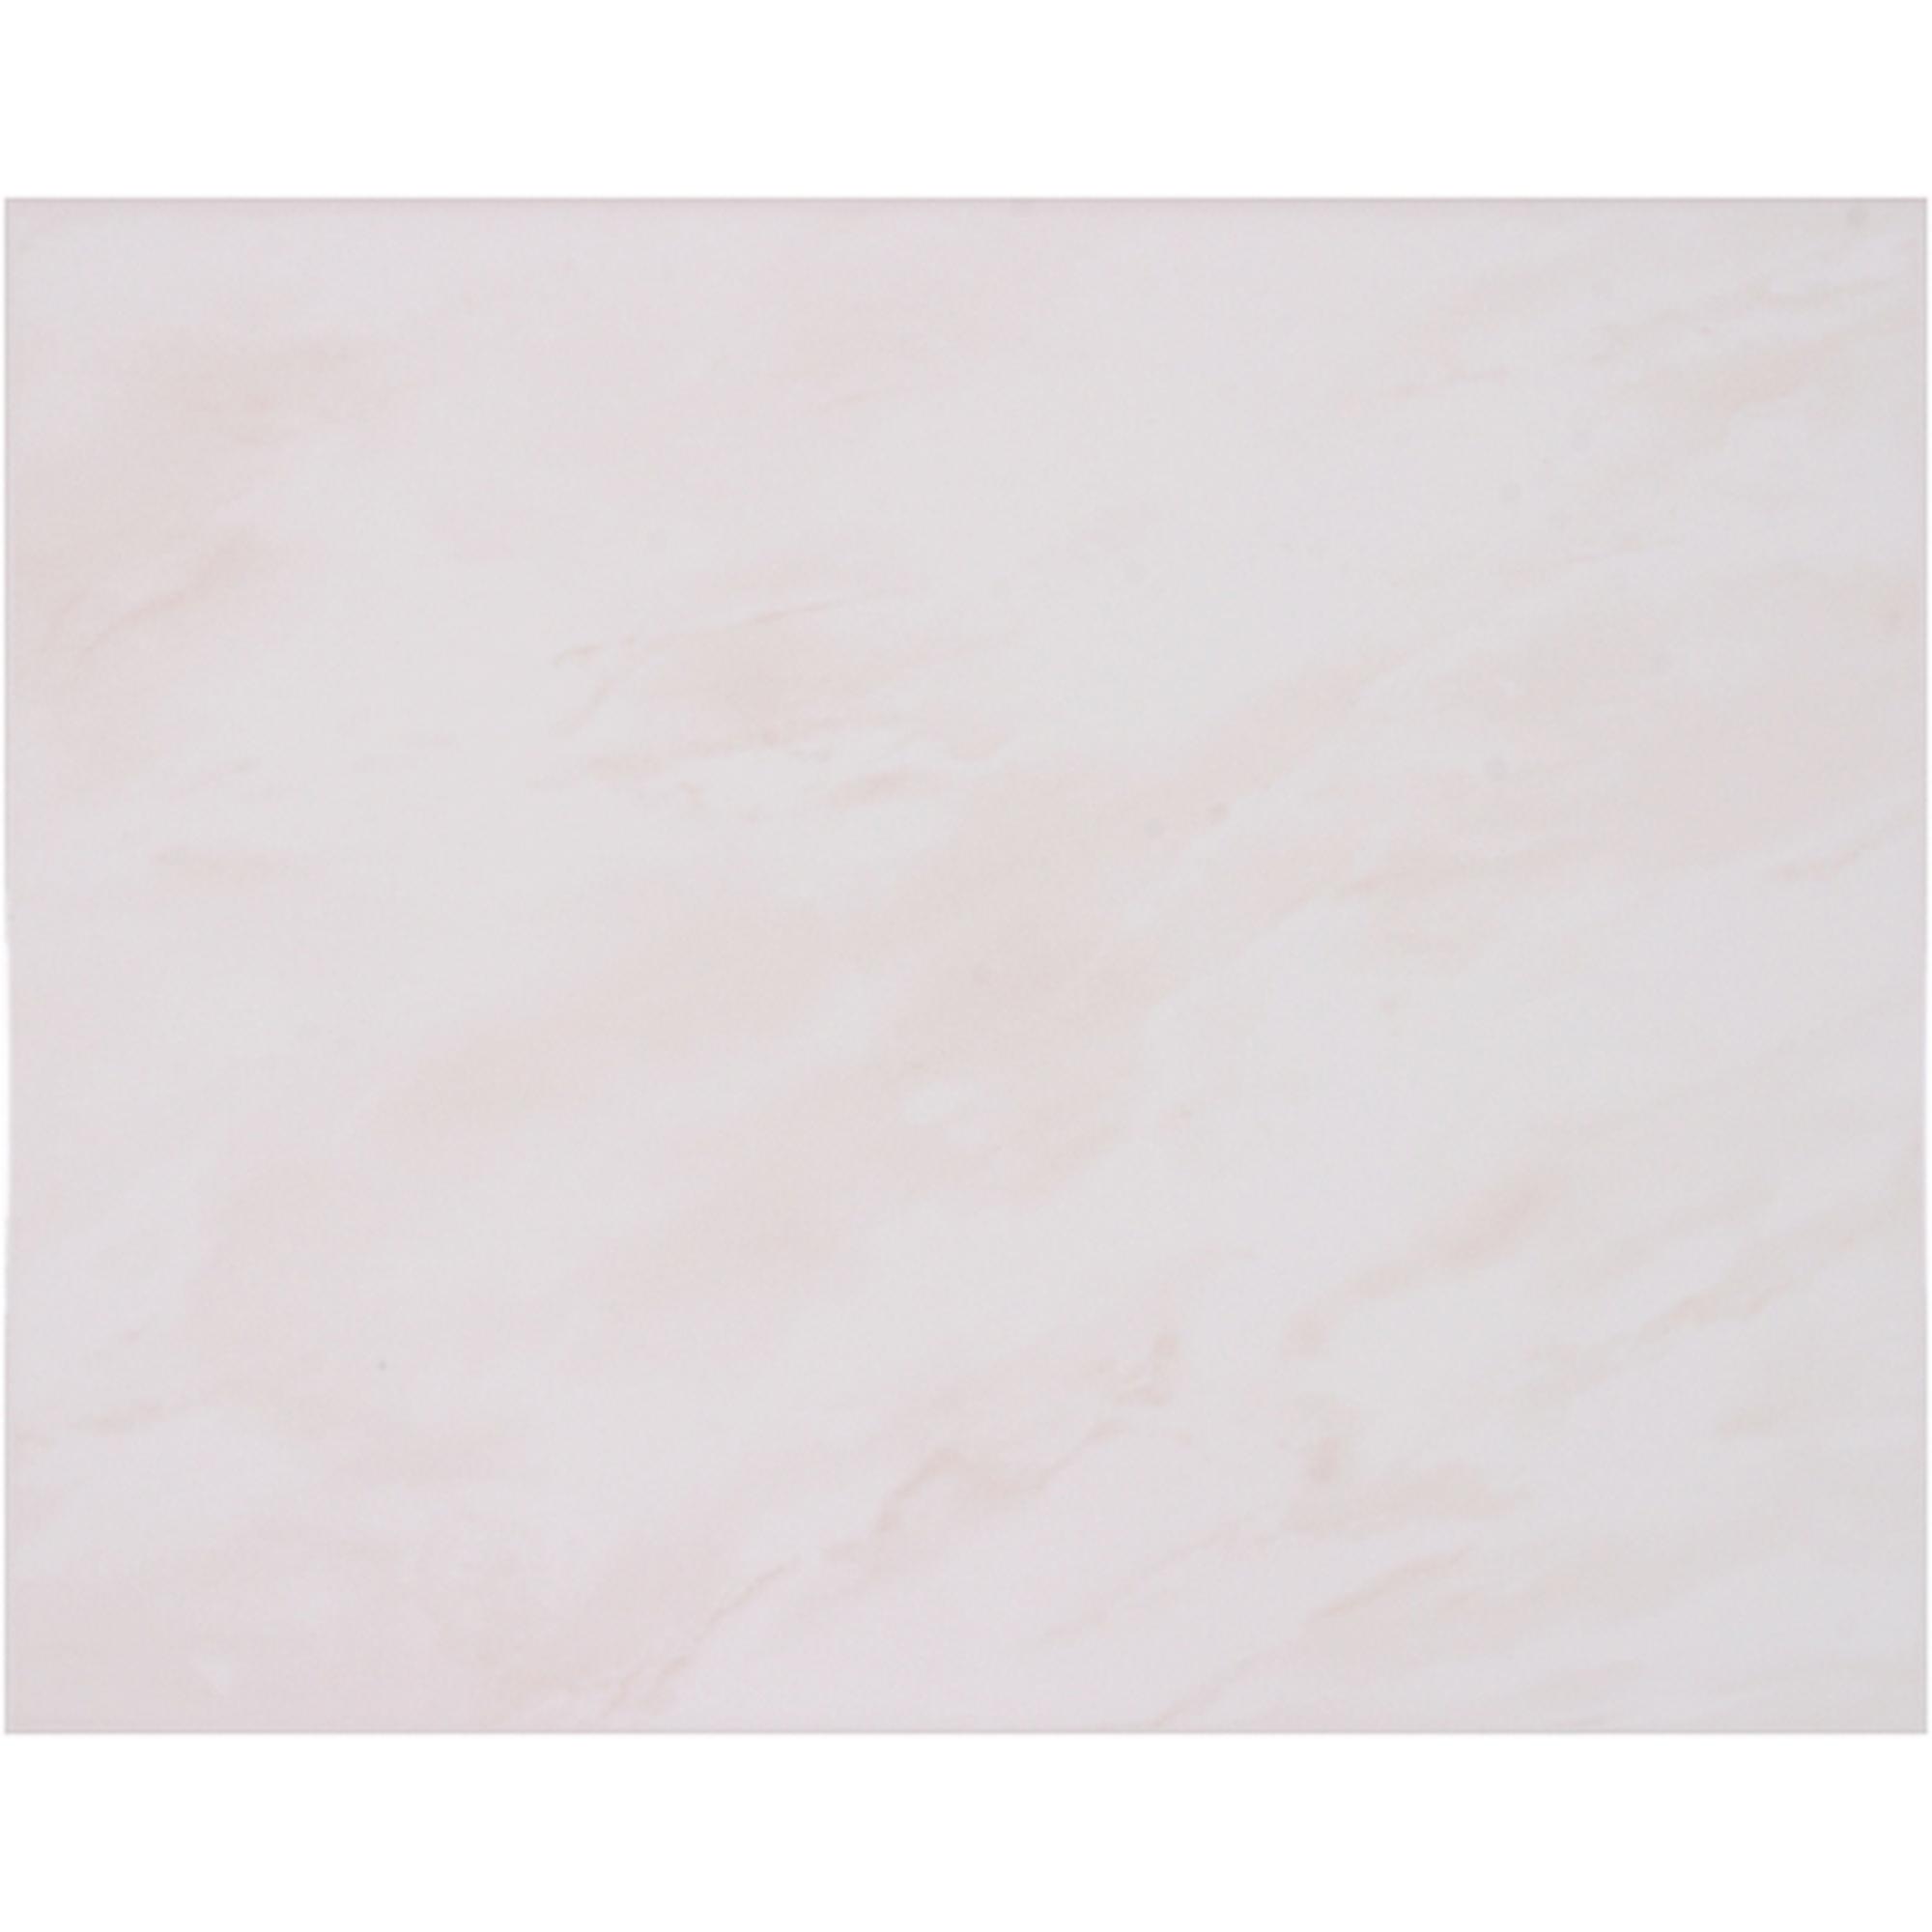 Wandfliese Bozen Beige 20x25cm